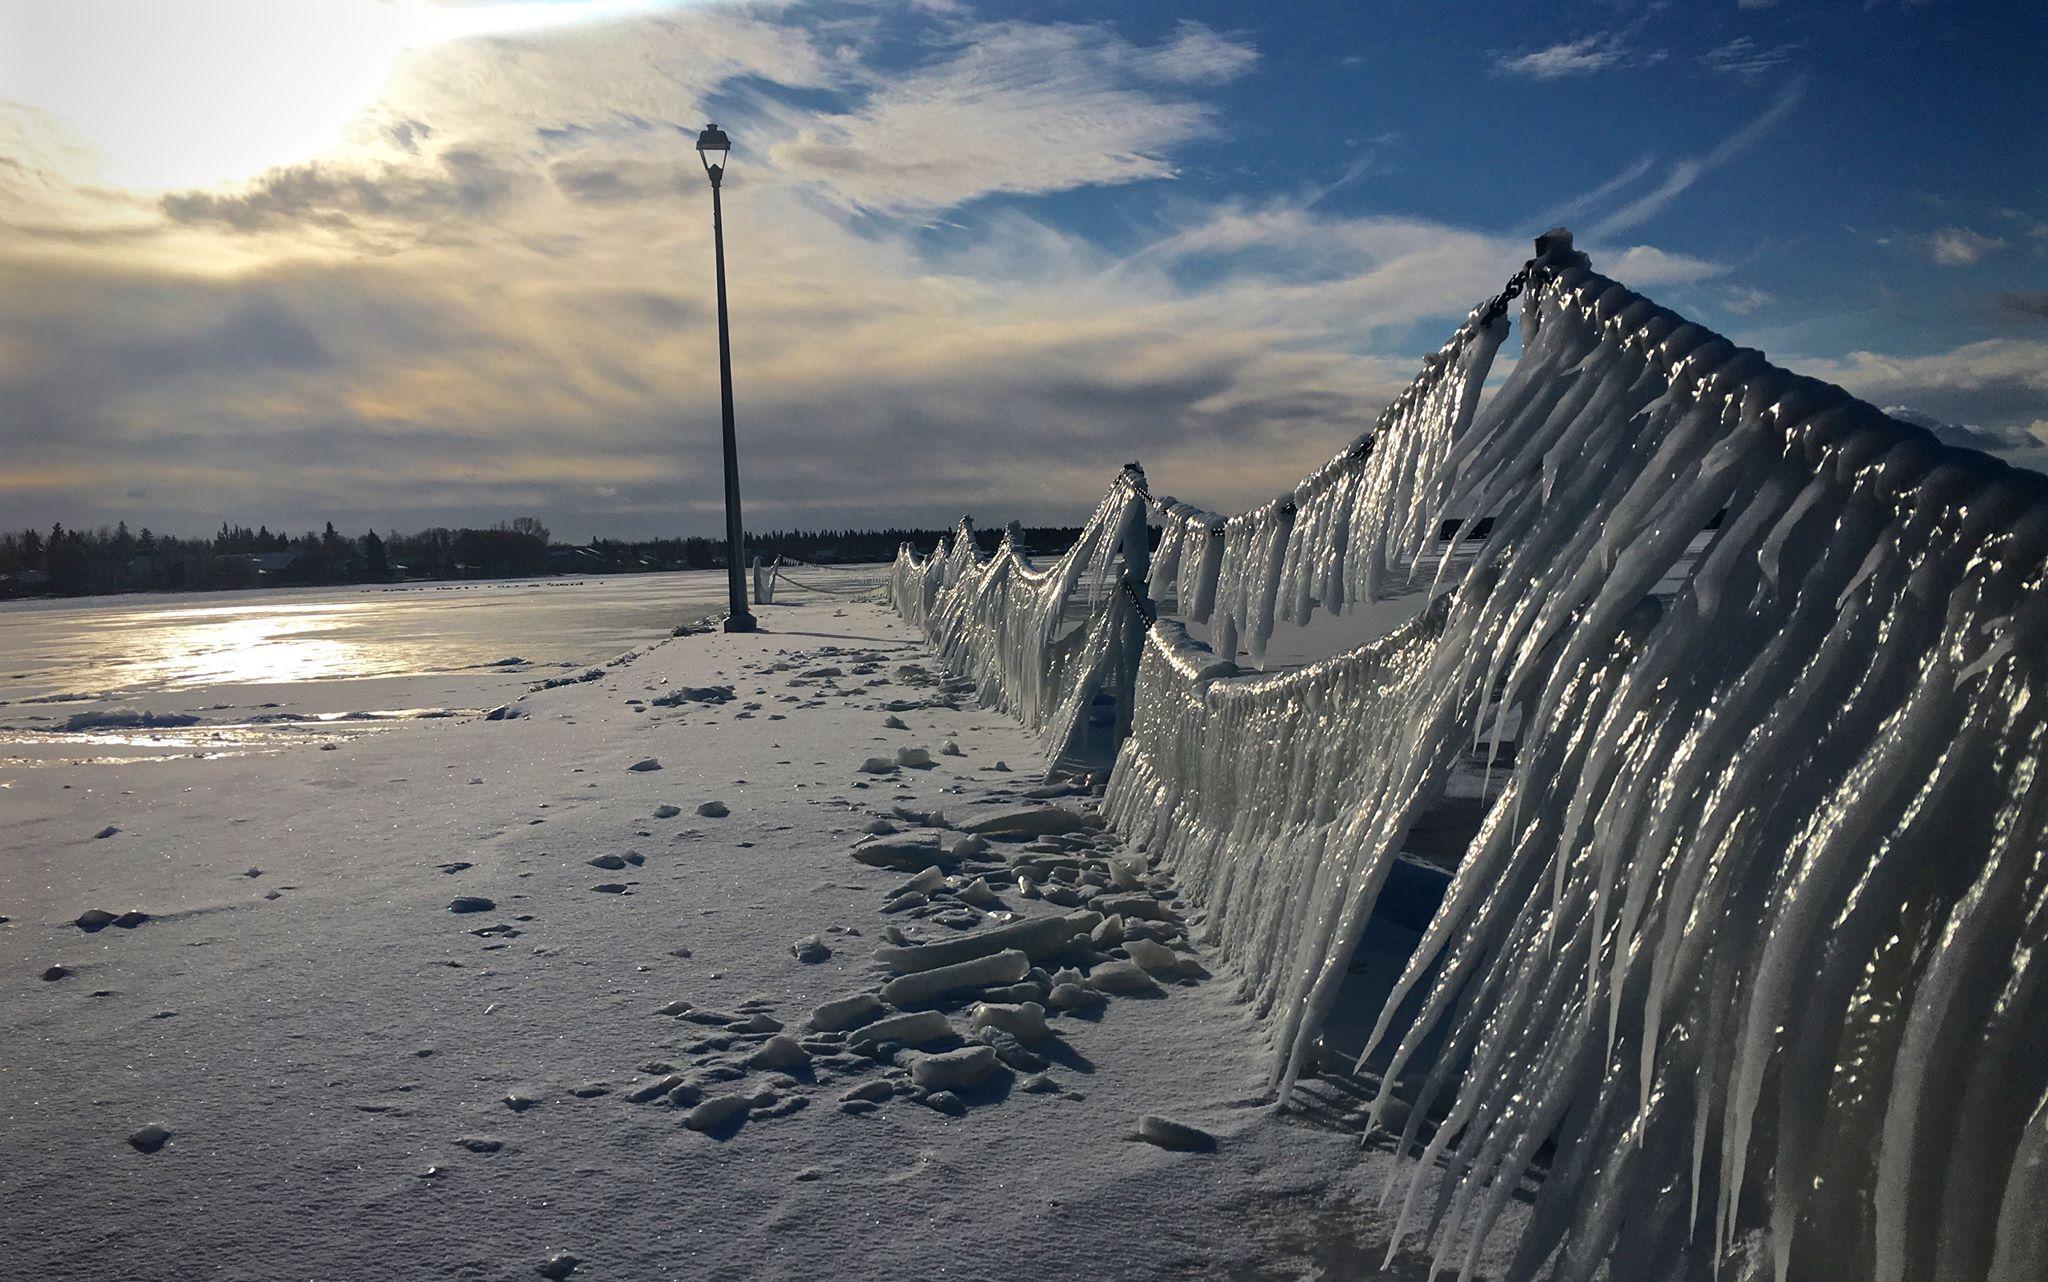 Ice quakes in Alberta Beach?